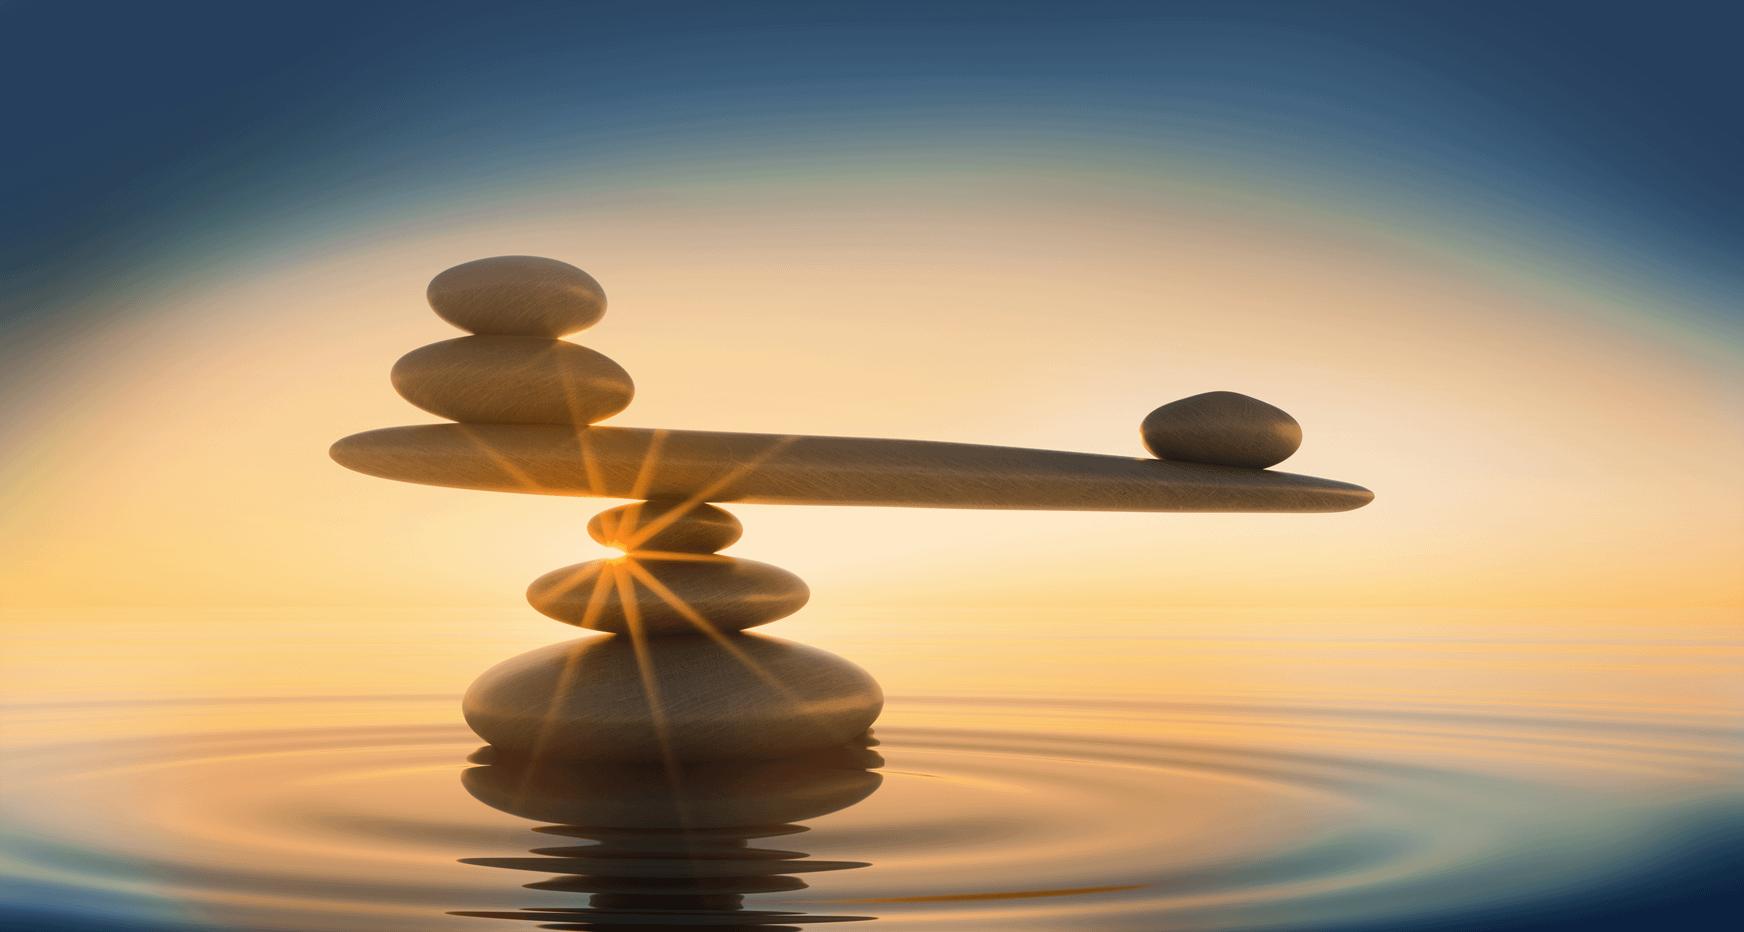 About-Community_Zen-image